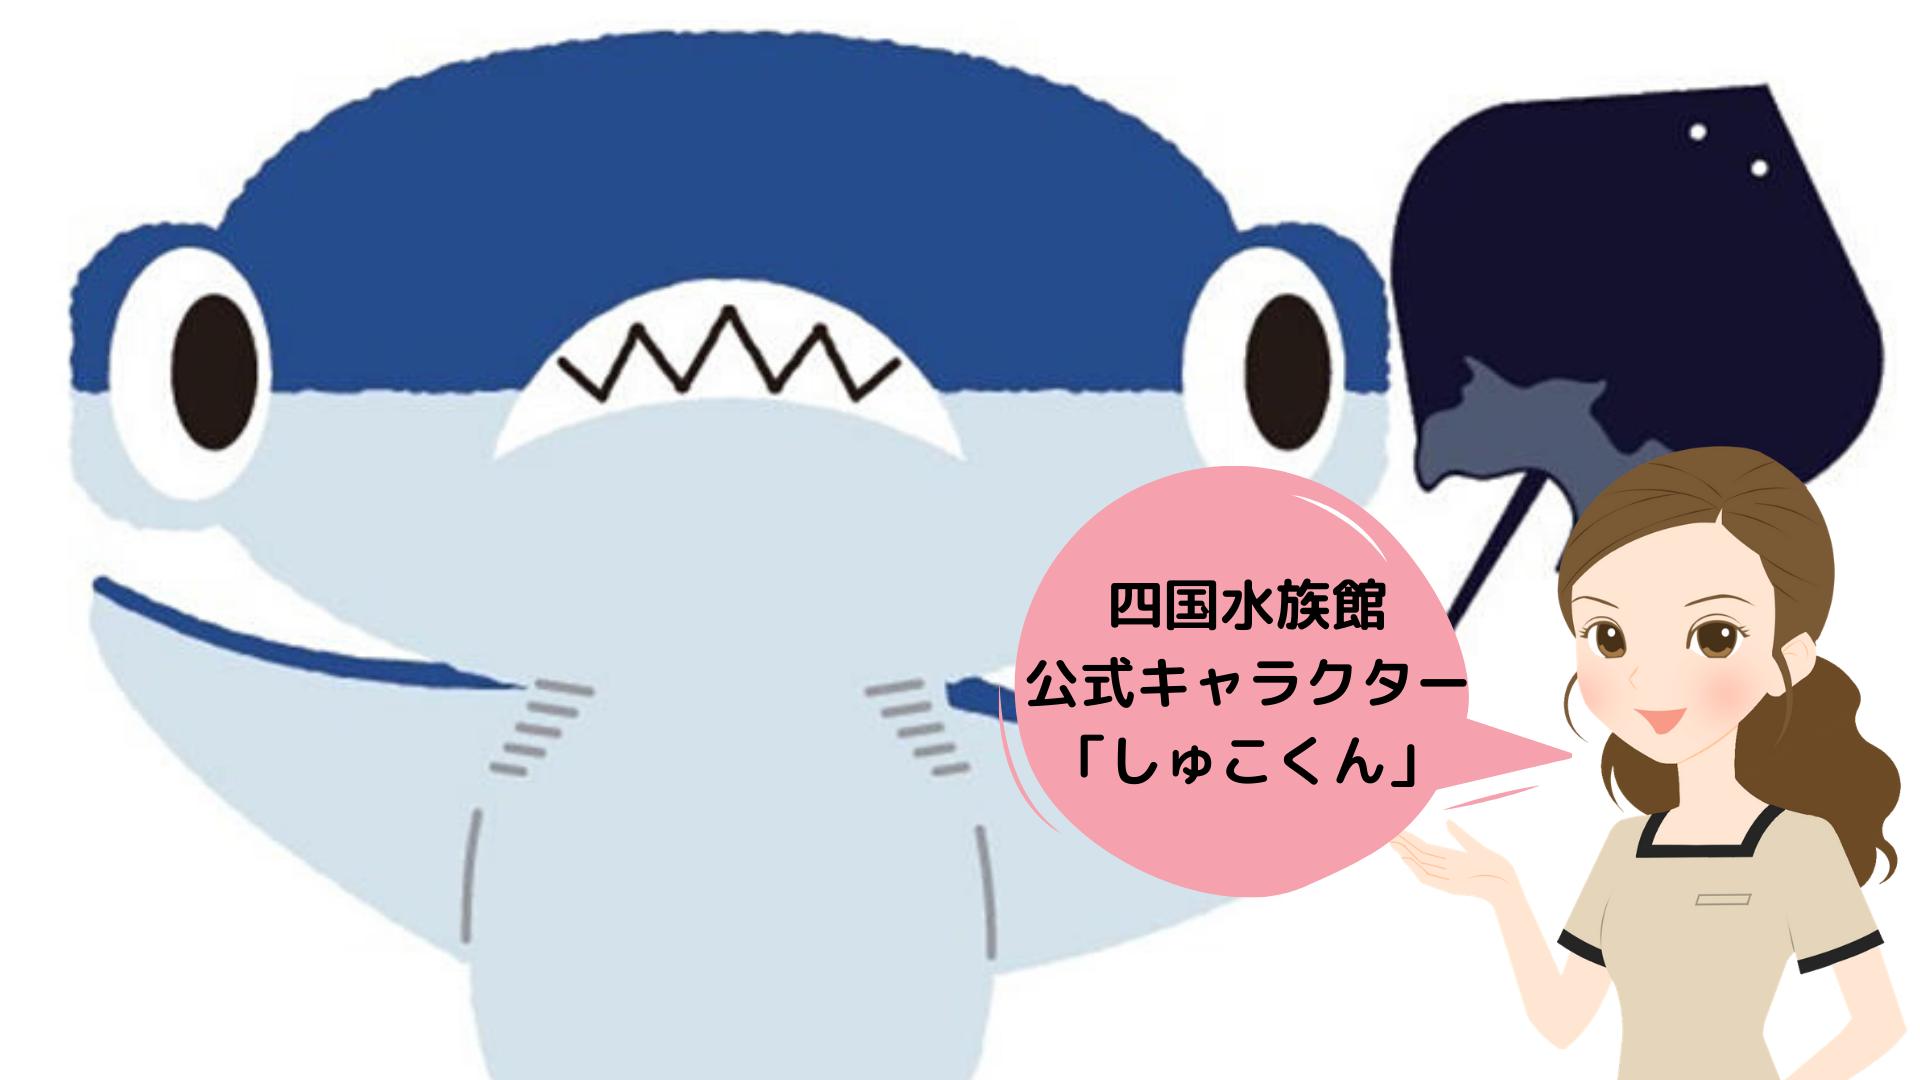 水族館のキャラクター